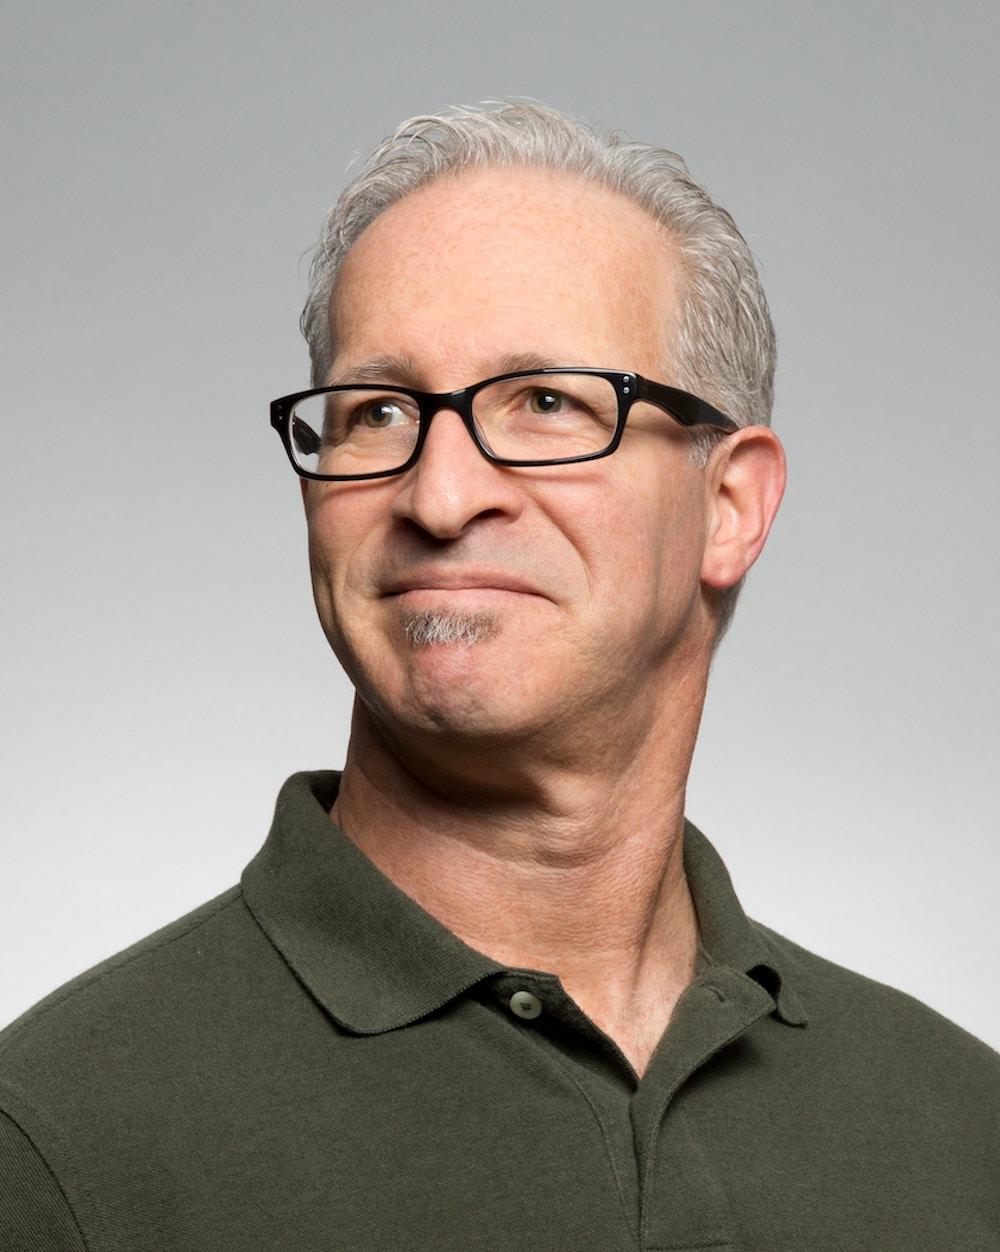 John Smith - Executive Manager